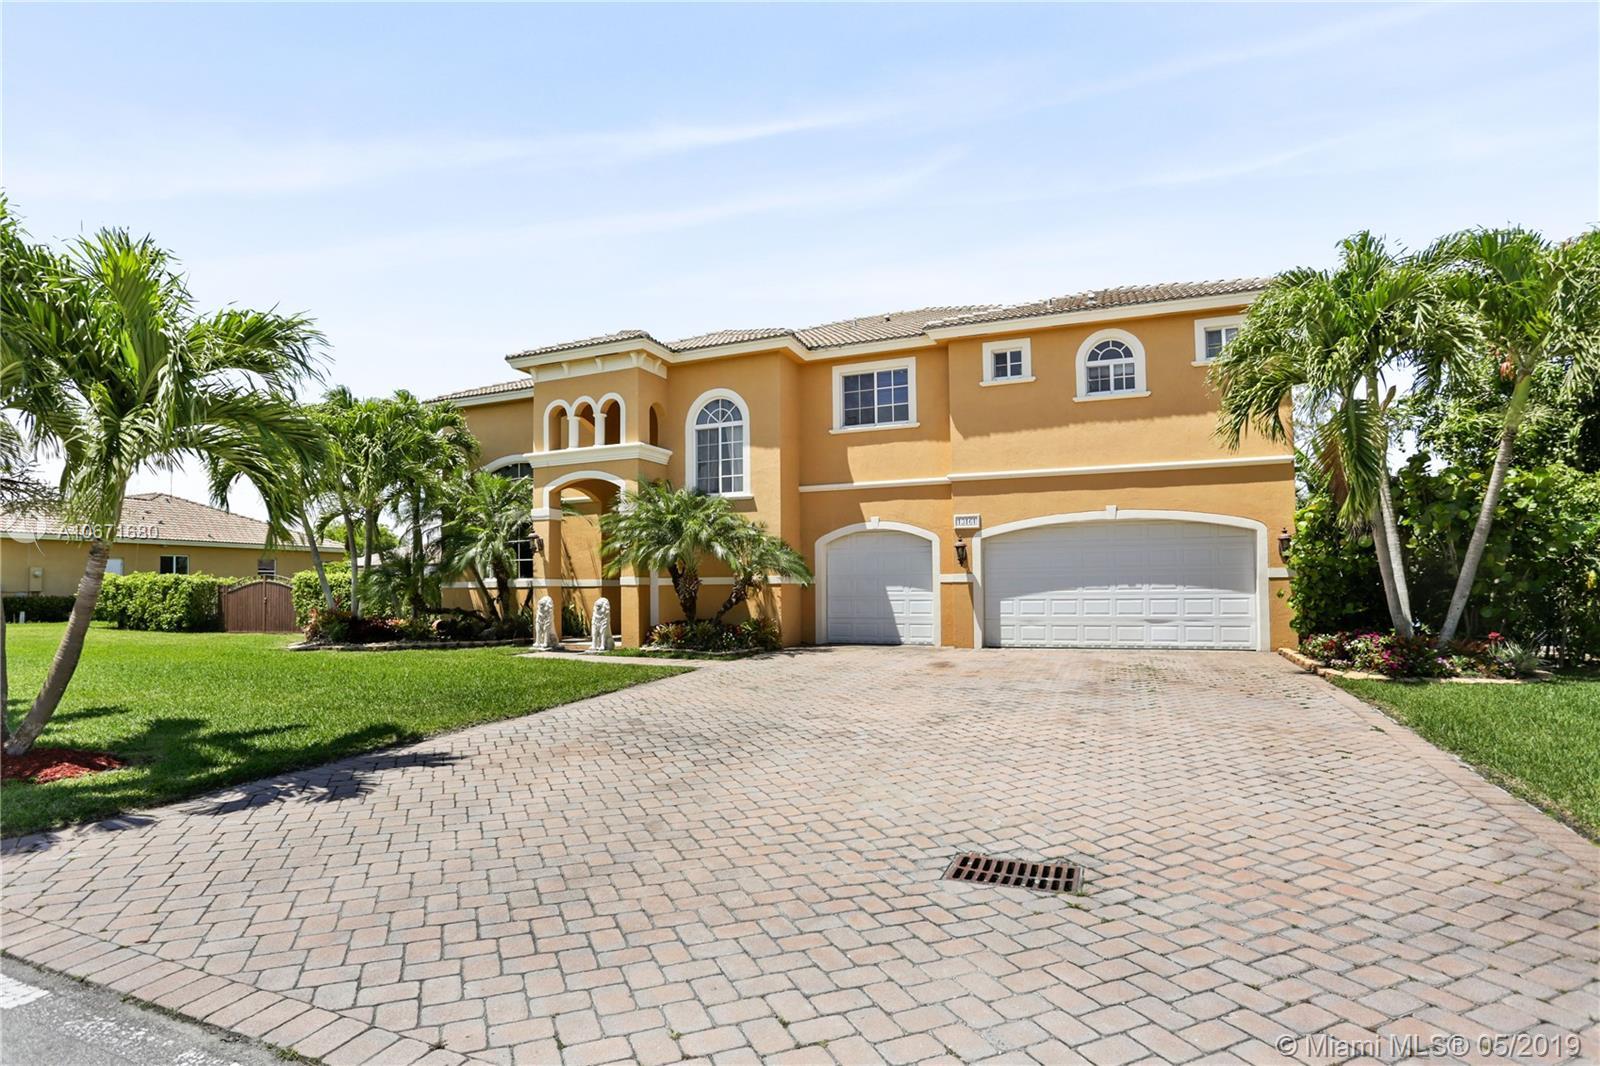 13161 SW 185th Ter, Miami, FL 33177